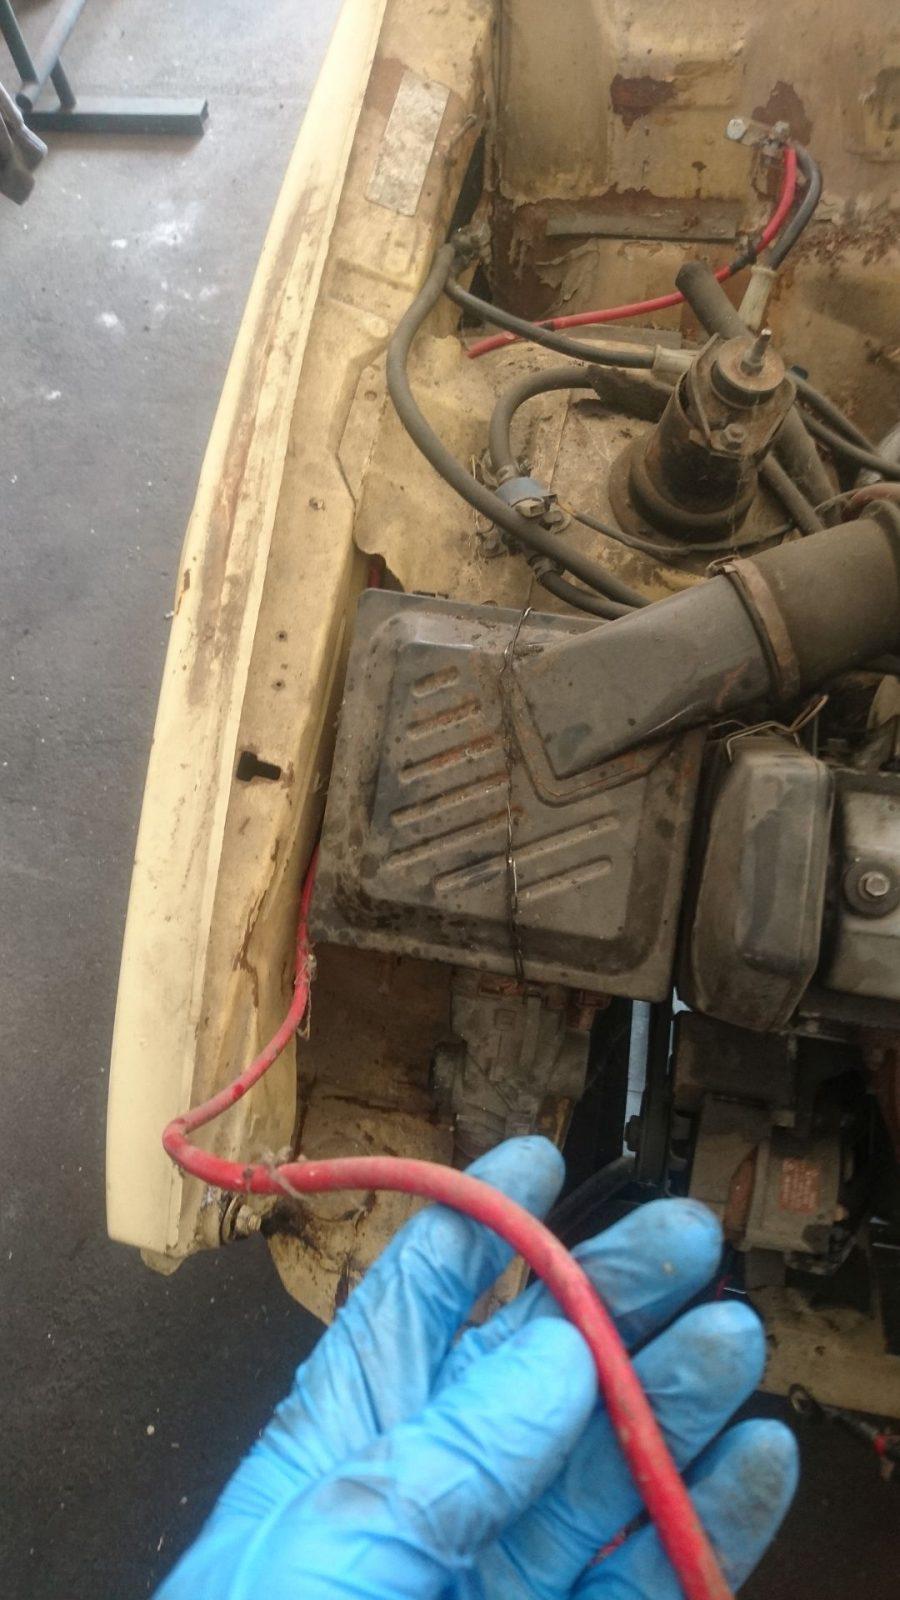 Das rote Kabel vom Anlasser führt direkt zum Pluspol der Batterie.